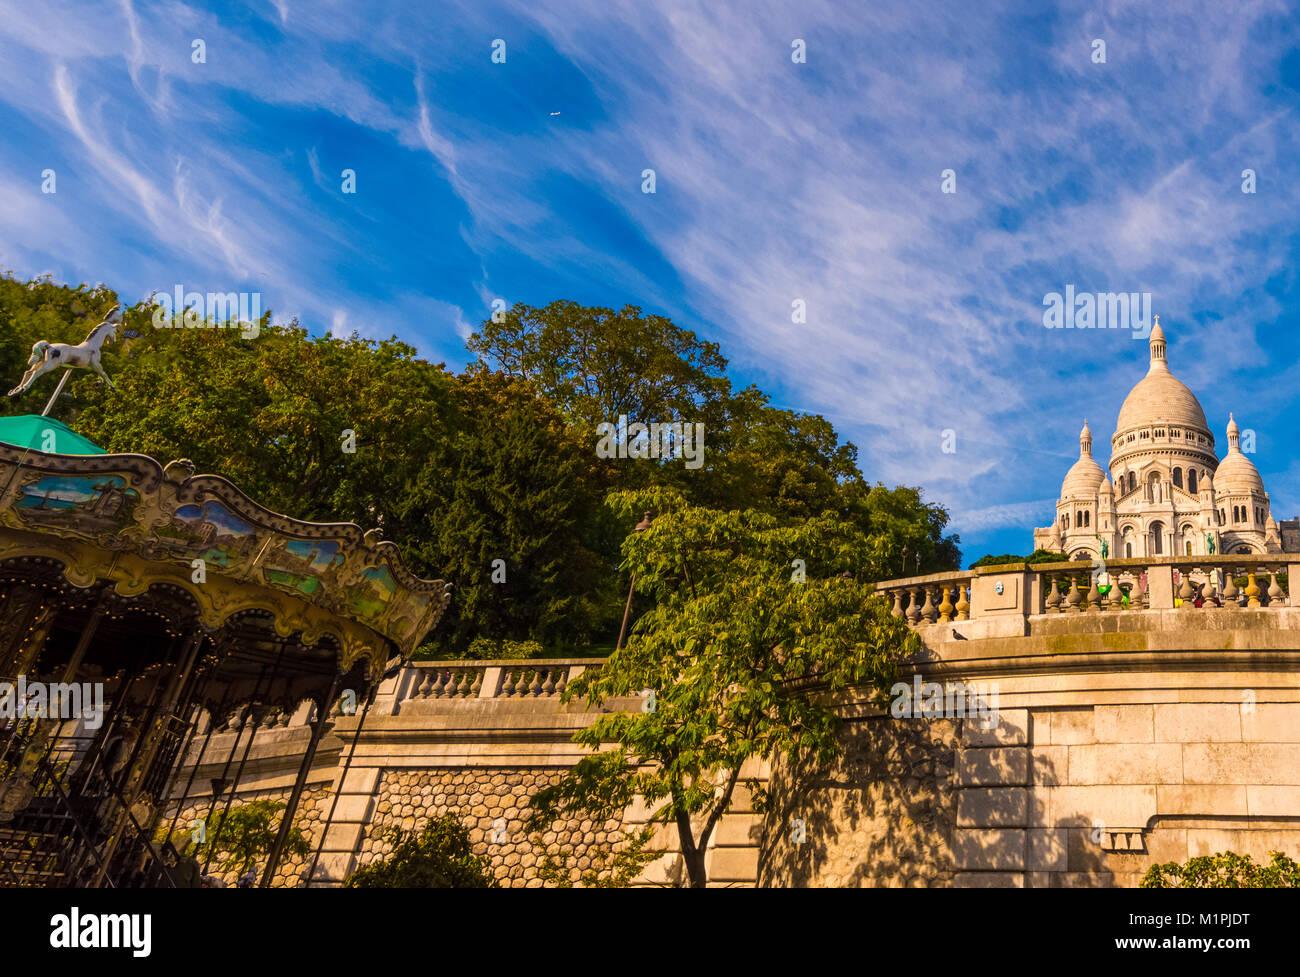 Farbe outdoor architektonischen Bild der Basilika Sacre Coeur, Paris, Frankreich, an einem sonnigen Tag mit blauen Stockbild